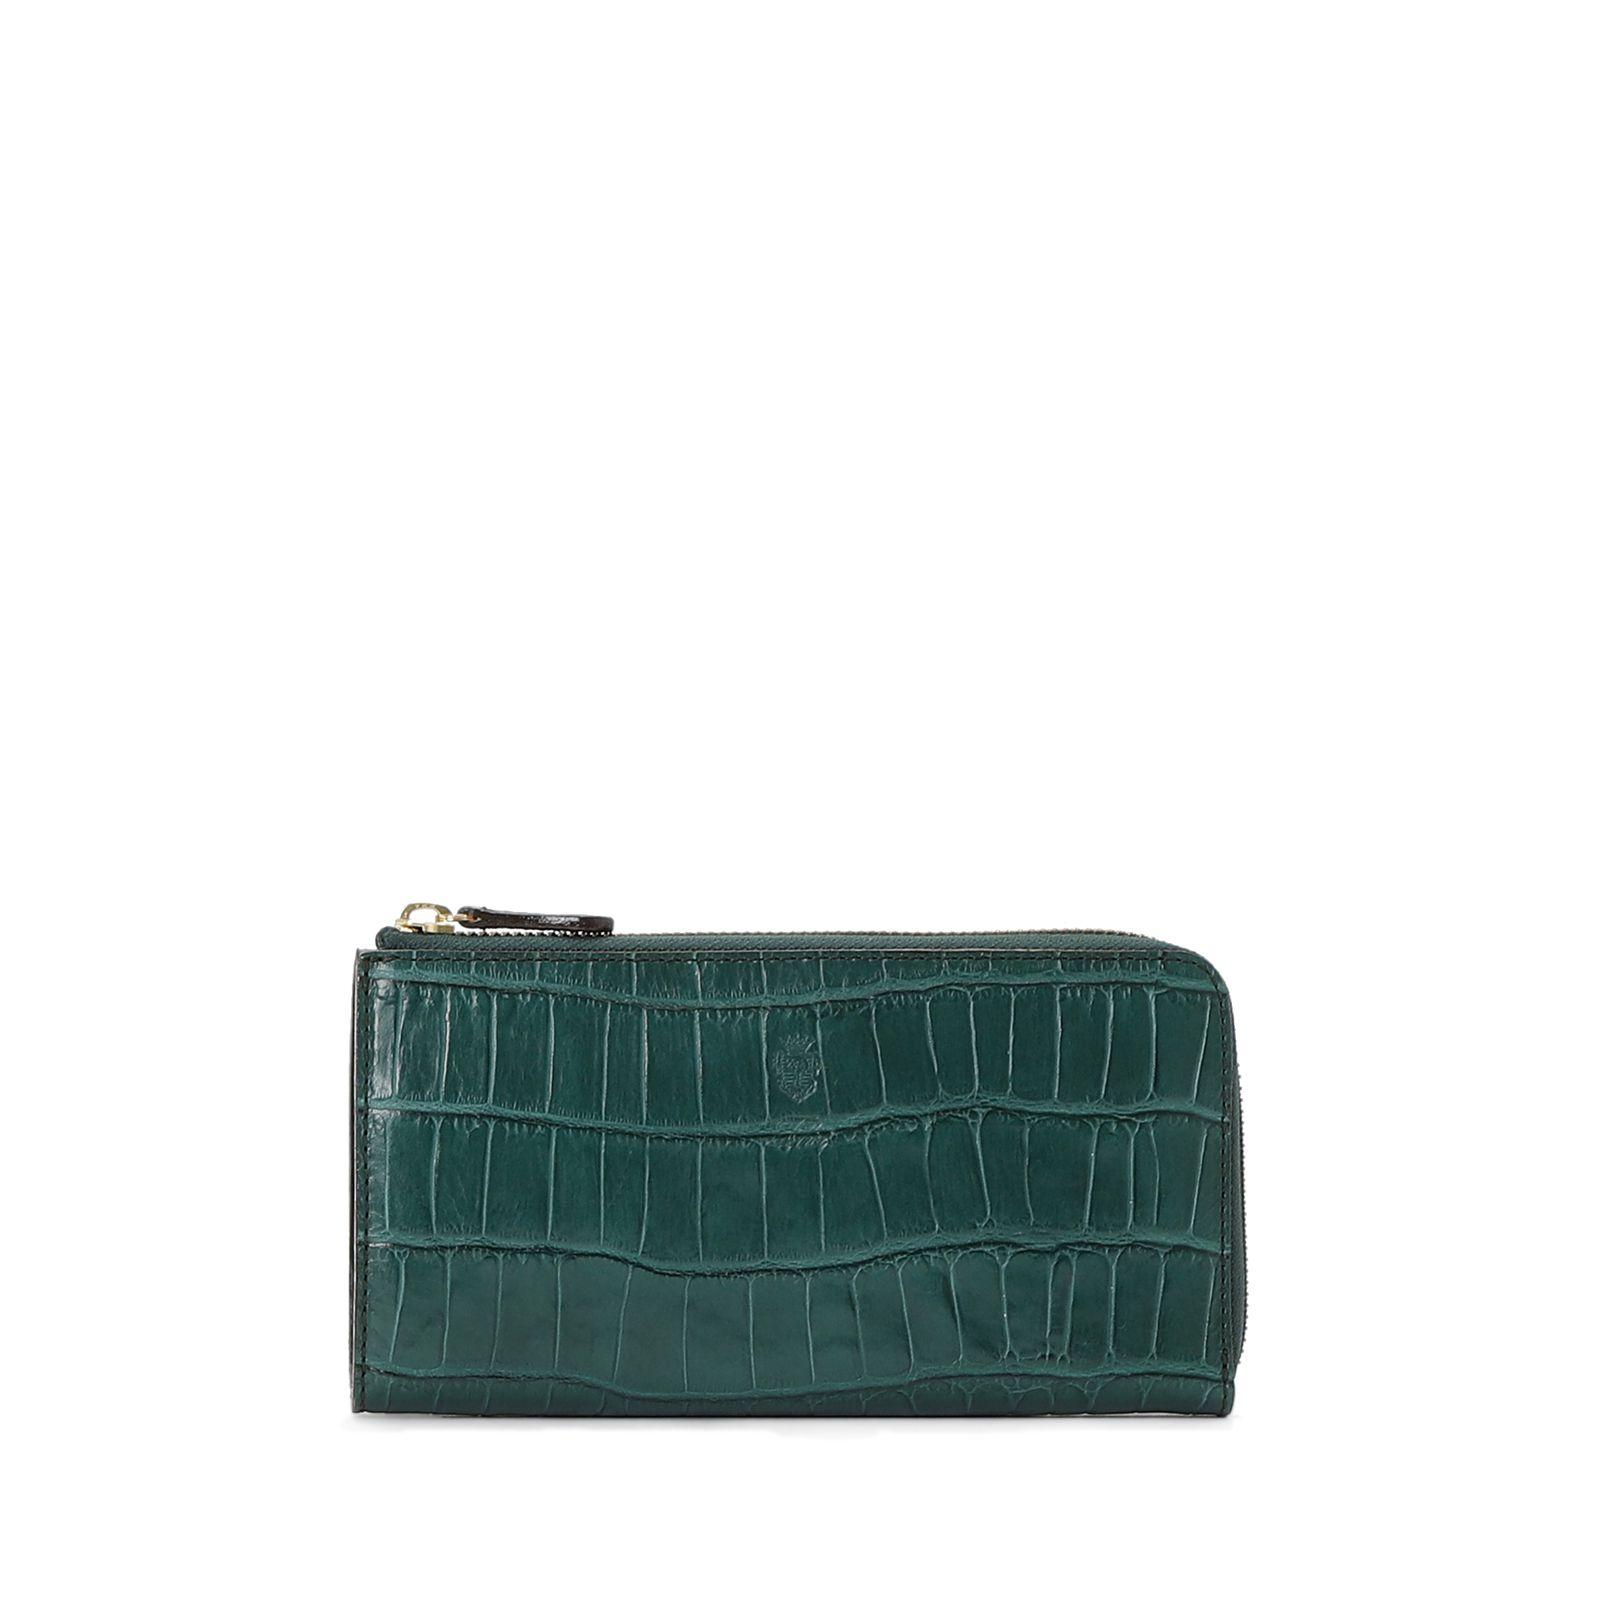 ップする緑の財布のおすすめFelisiのL字ファスナー長財布